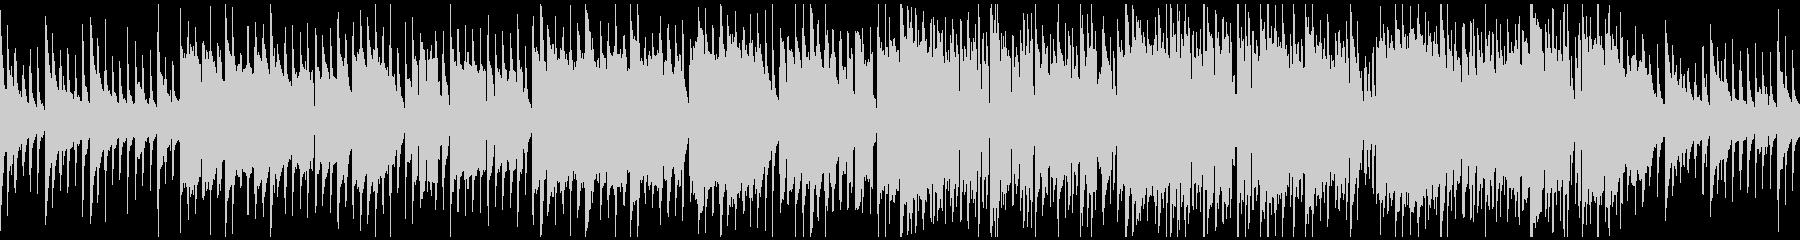 ファンタジー系のキラキラ曲※ループ仕様版の未再生の波形